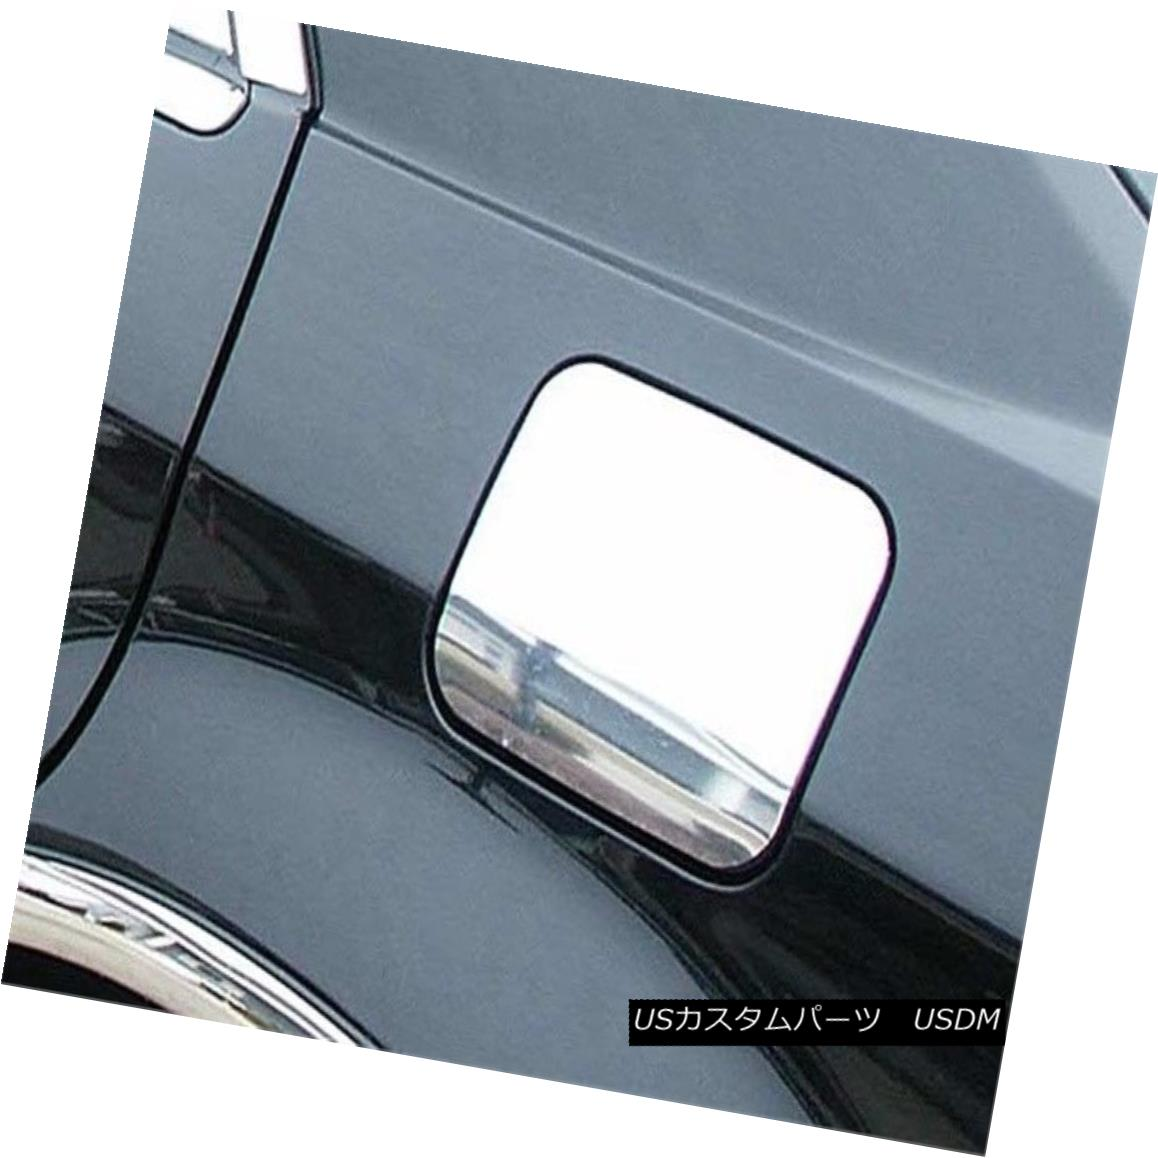 グリル Fits 2005-2008 DODGE MAGNUM 4-door -Stainless Steel GAS CAP DOOR フィット2005-2008ドッジマグナム4ドア - ステンレススチールガスCAPドア